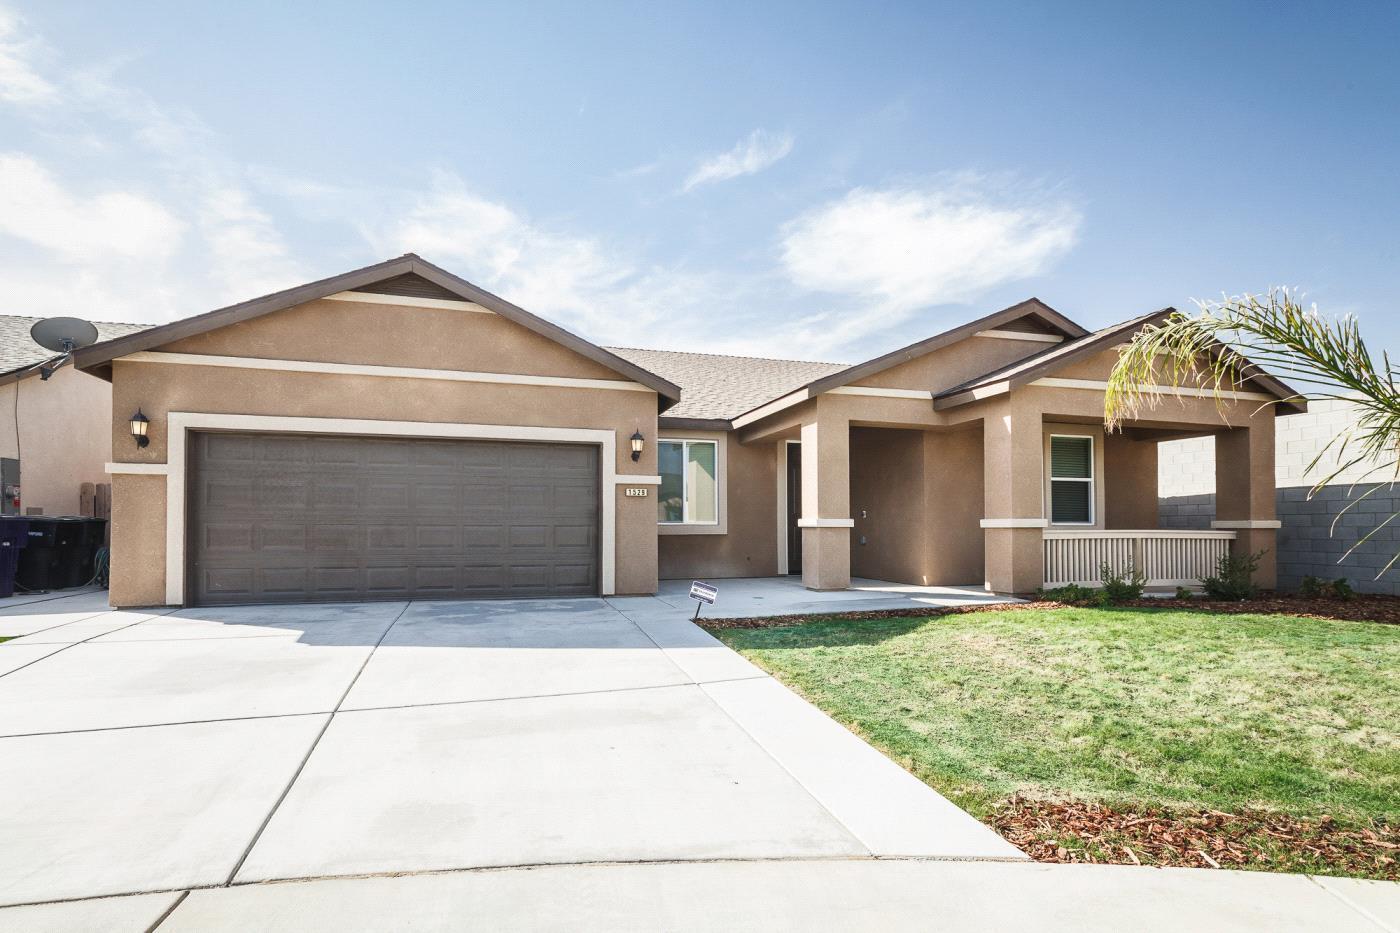 1529 Sidonia Street, Hanford, CA 93230 | MLS #200715 ...